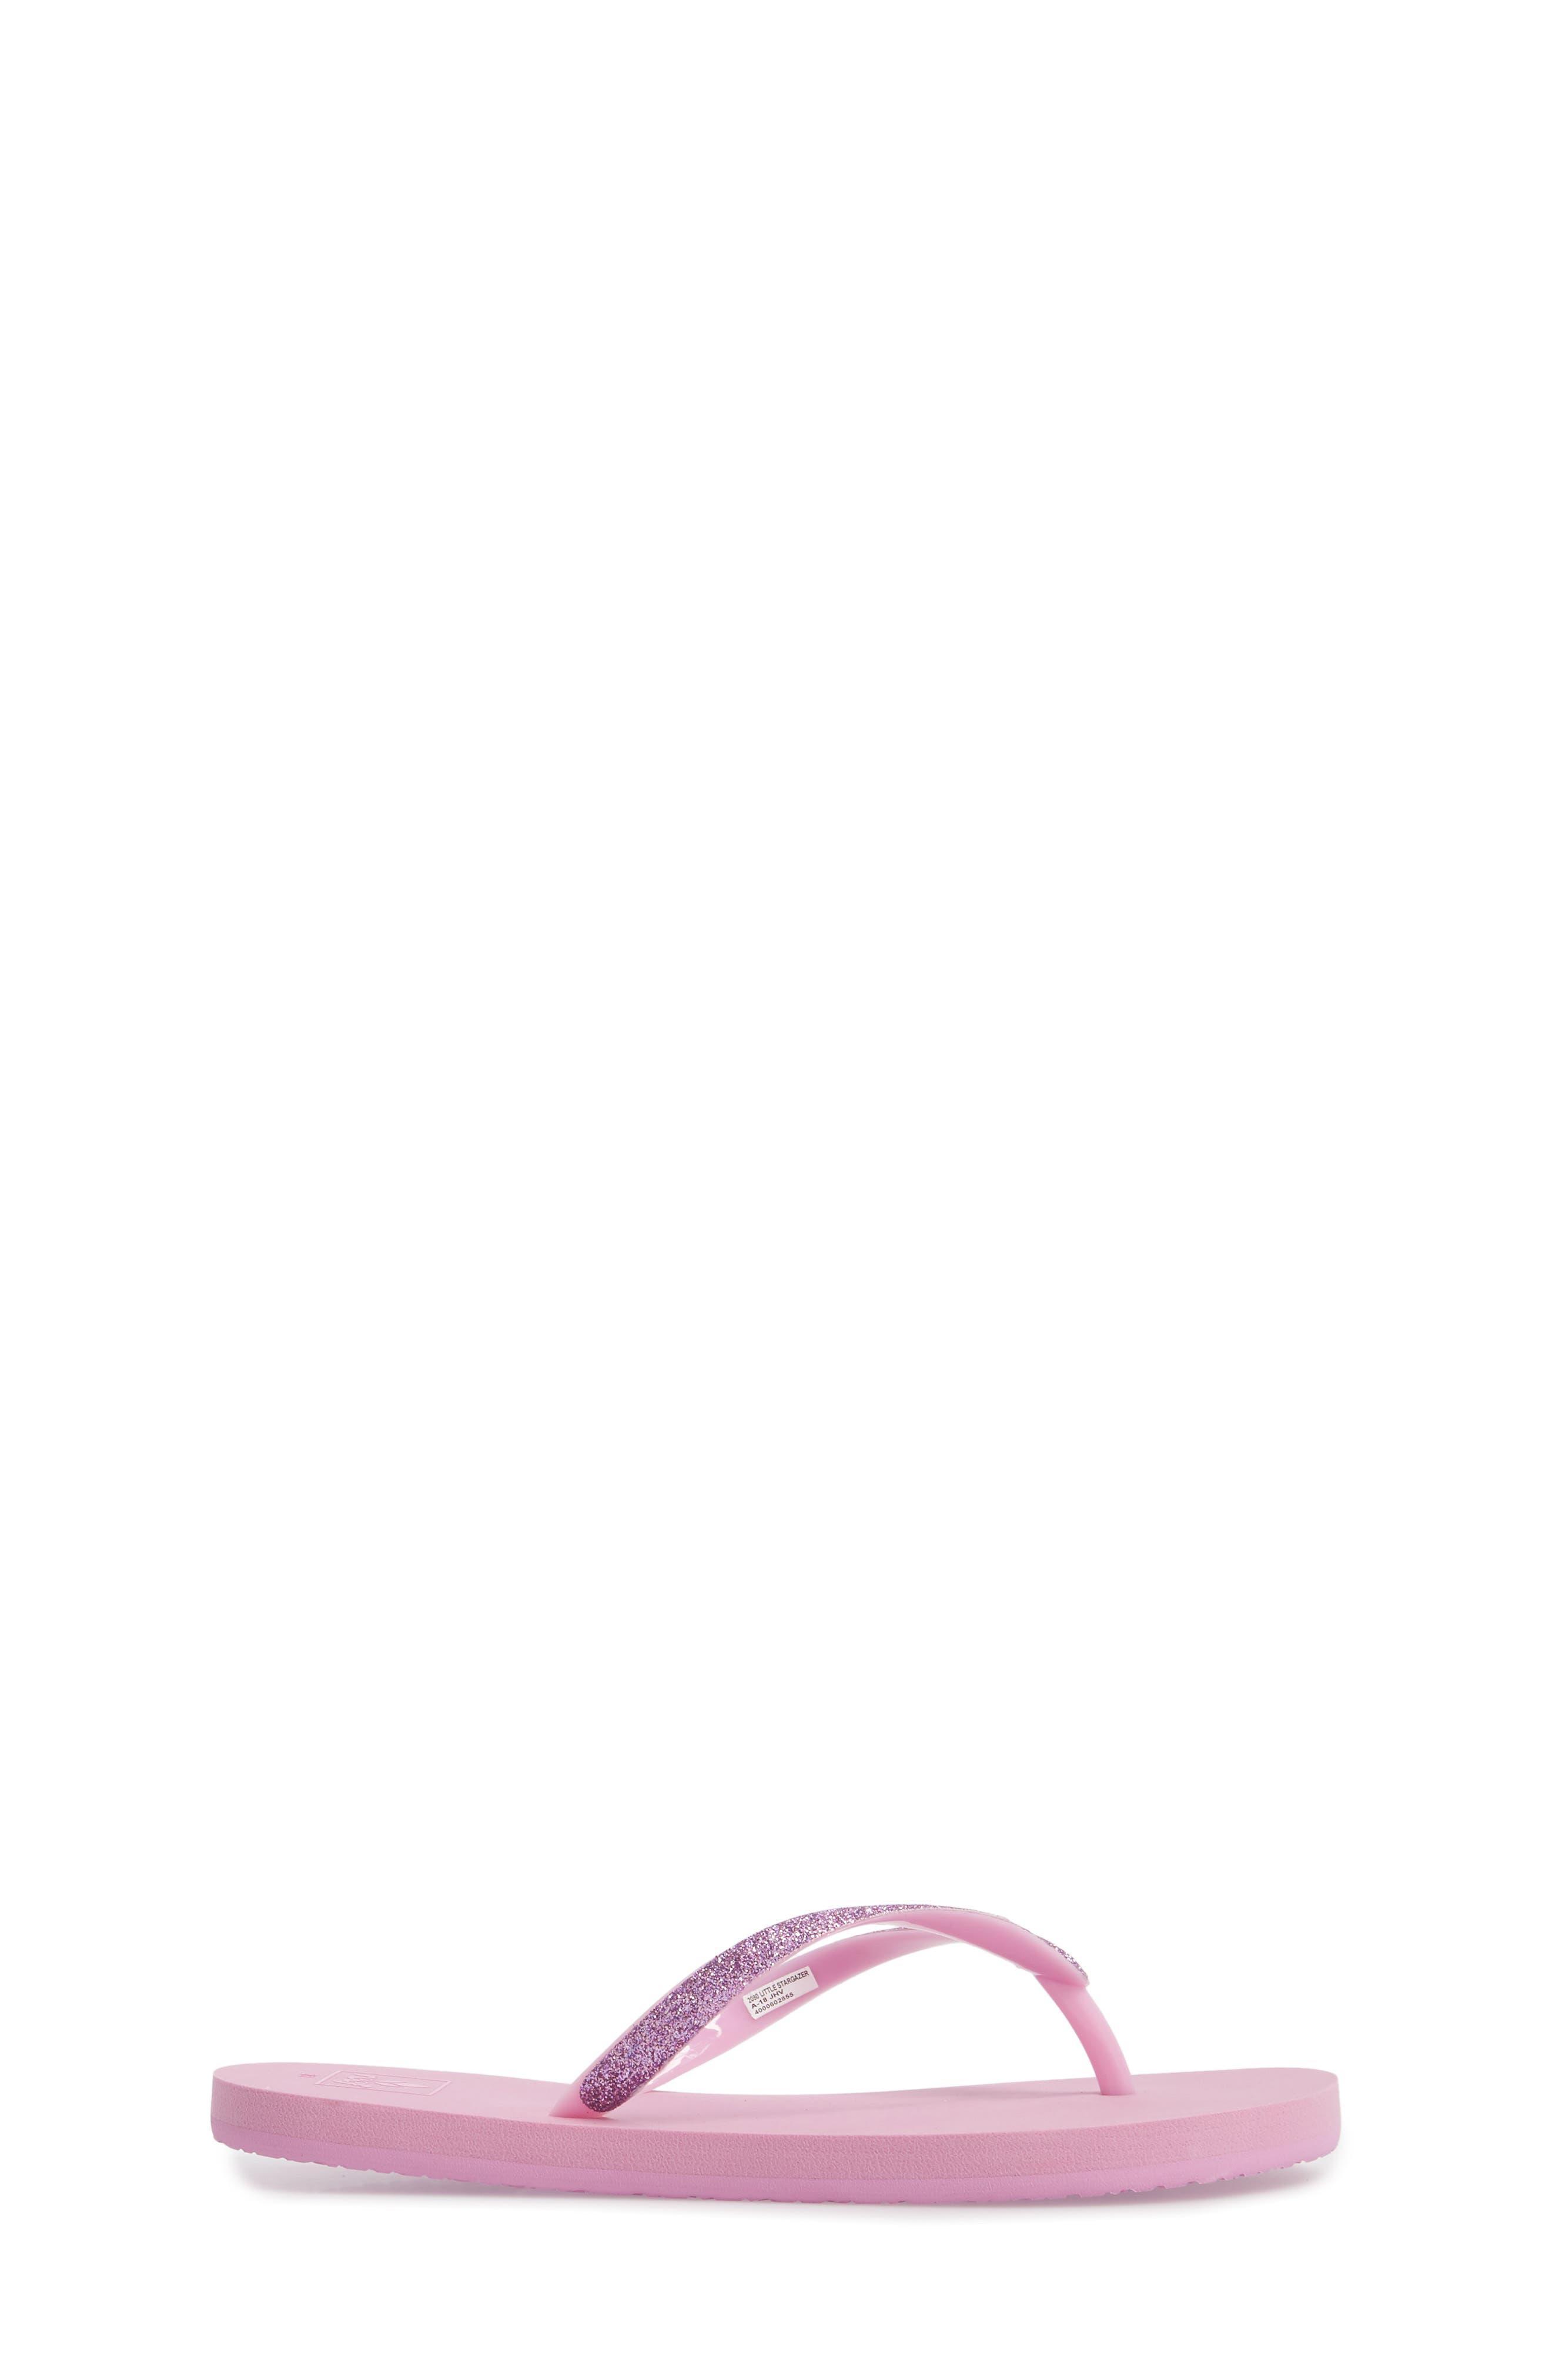 Little Stargazer Glitter Sandal,                             Alternate thumbnail 3, color,                             Lavender